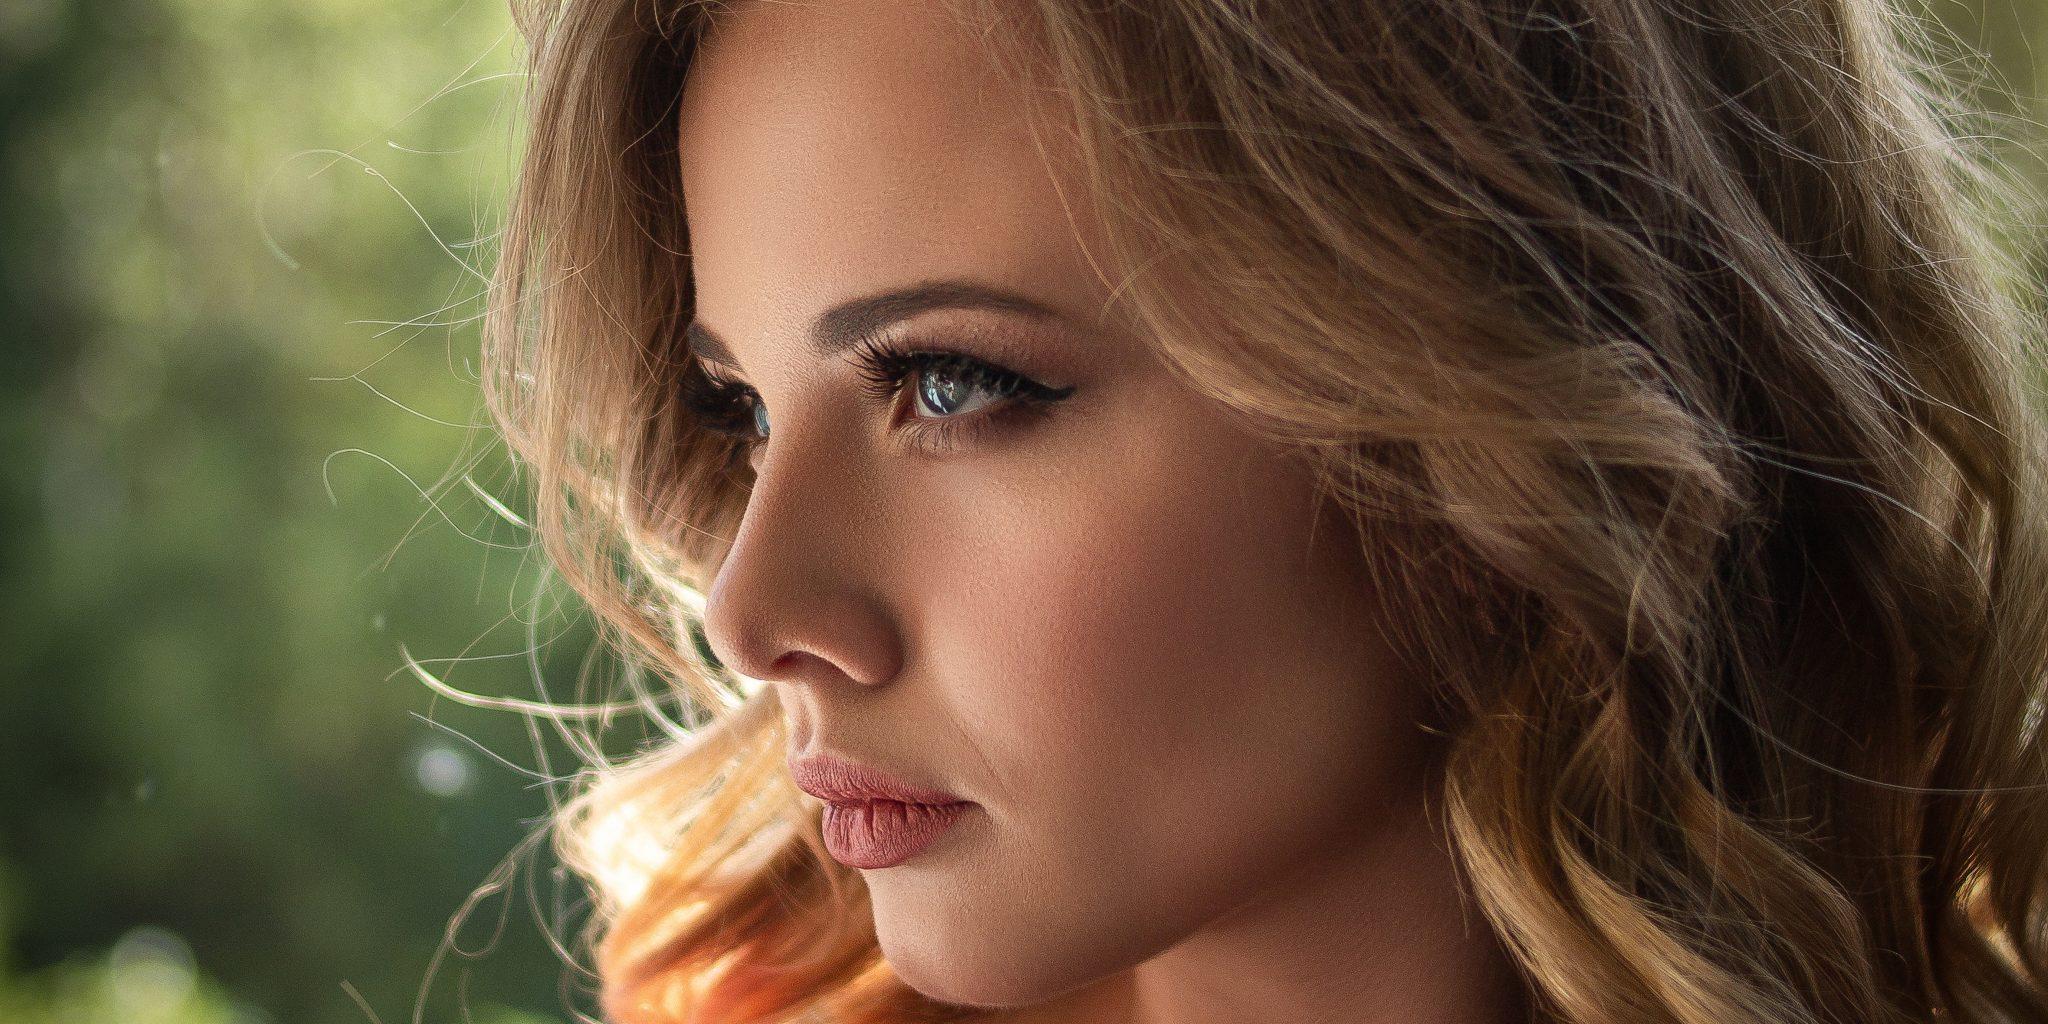 Strikingly beautiful woman